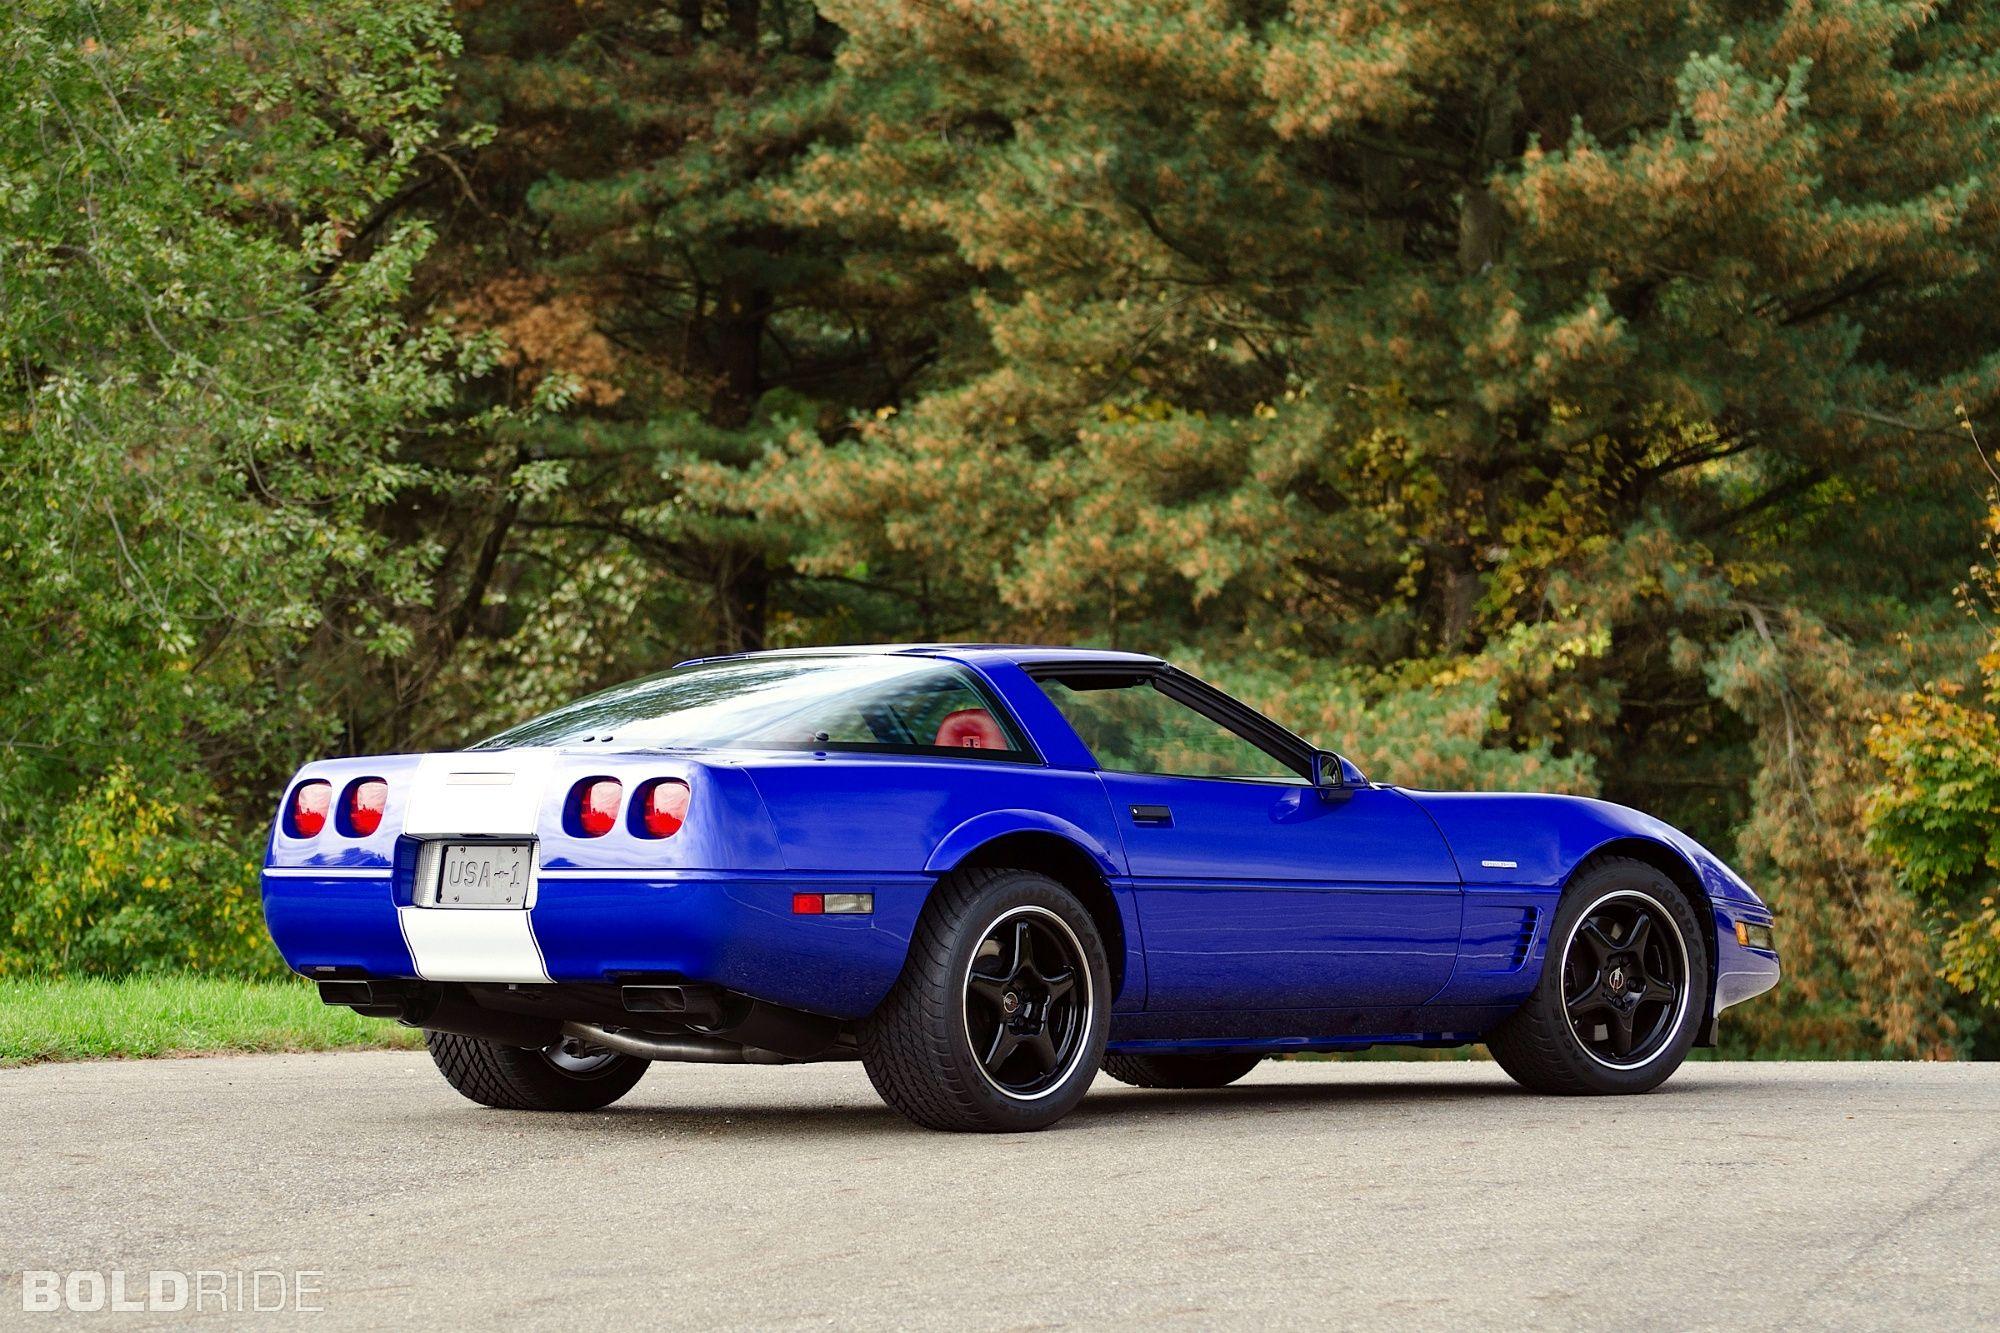 Chevrolet Corvette C4 Grand Sport Corvette